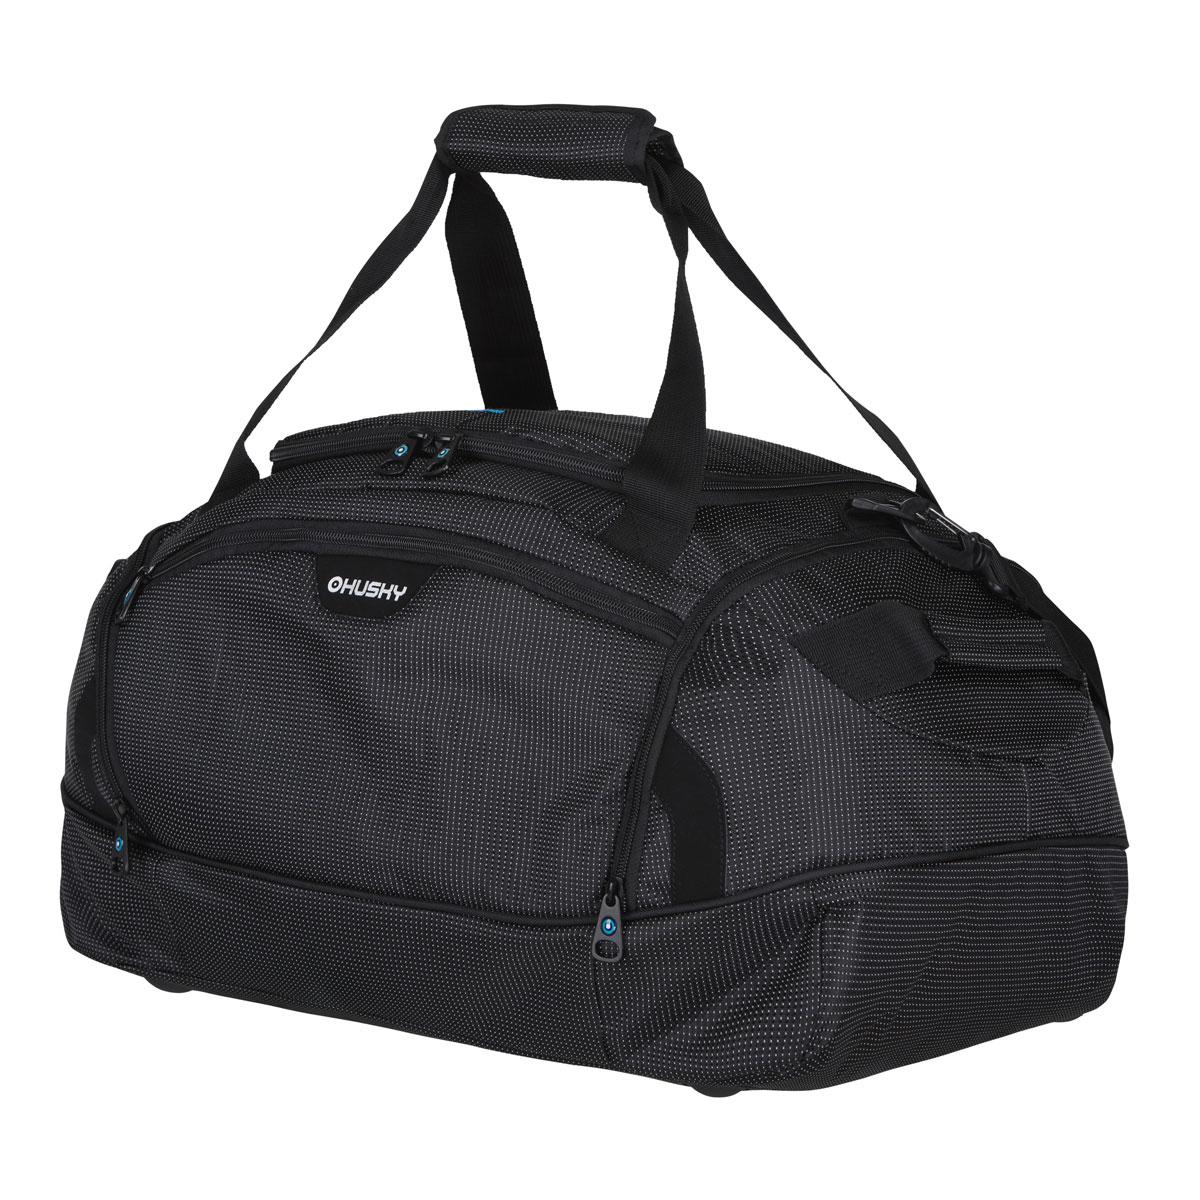 Сумка спортивная Husky Grape 40 L, цвет: черныйГризлиКомфортная и практичная спортивная сумка Grape 40 L.Особенности модели: Водонепроницаемая ткань, Два боковых кармана, Внутренний органайзер, Съемный наплечный ремень.